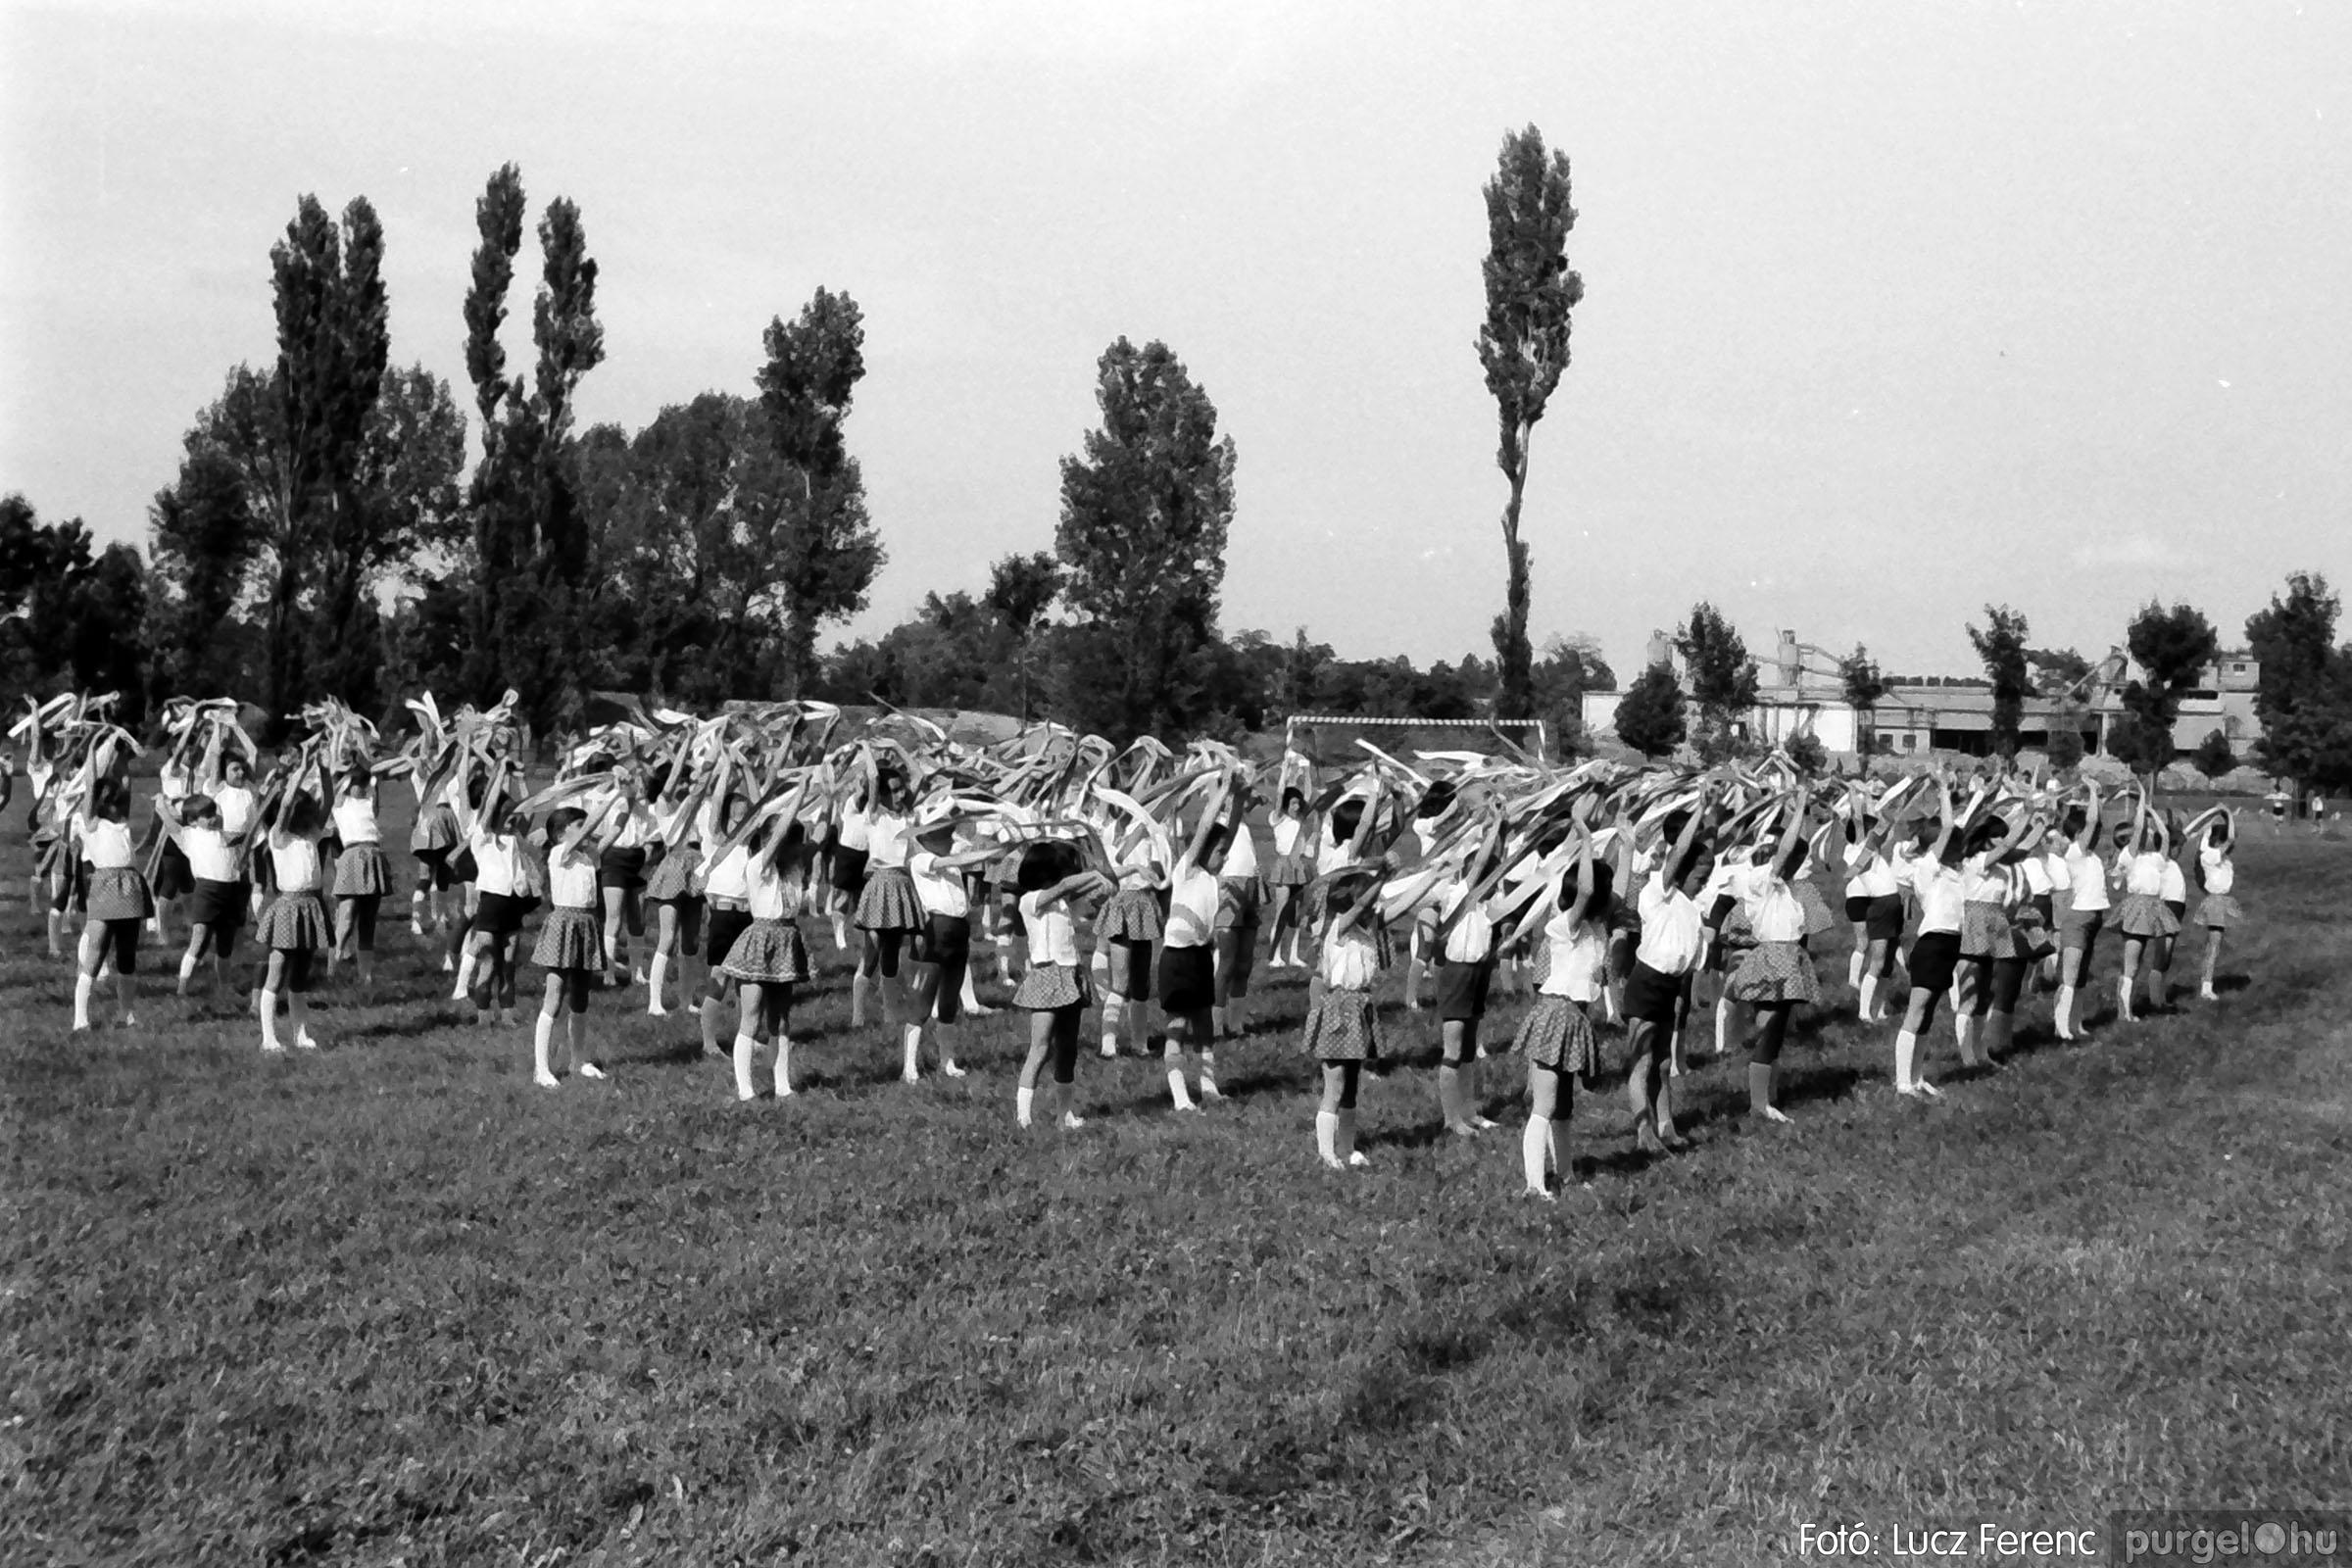 017 1975.04. Május elsejei tornabemutató főpróbája a sportpályán 024 - Fotó: Lucz Ferenc IMG00025q.jpg